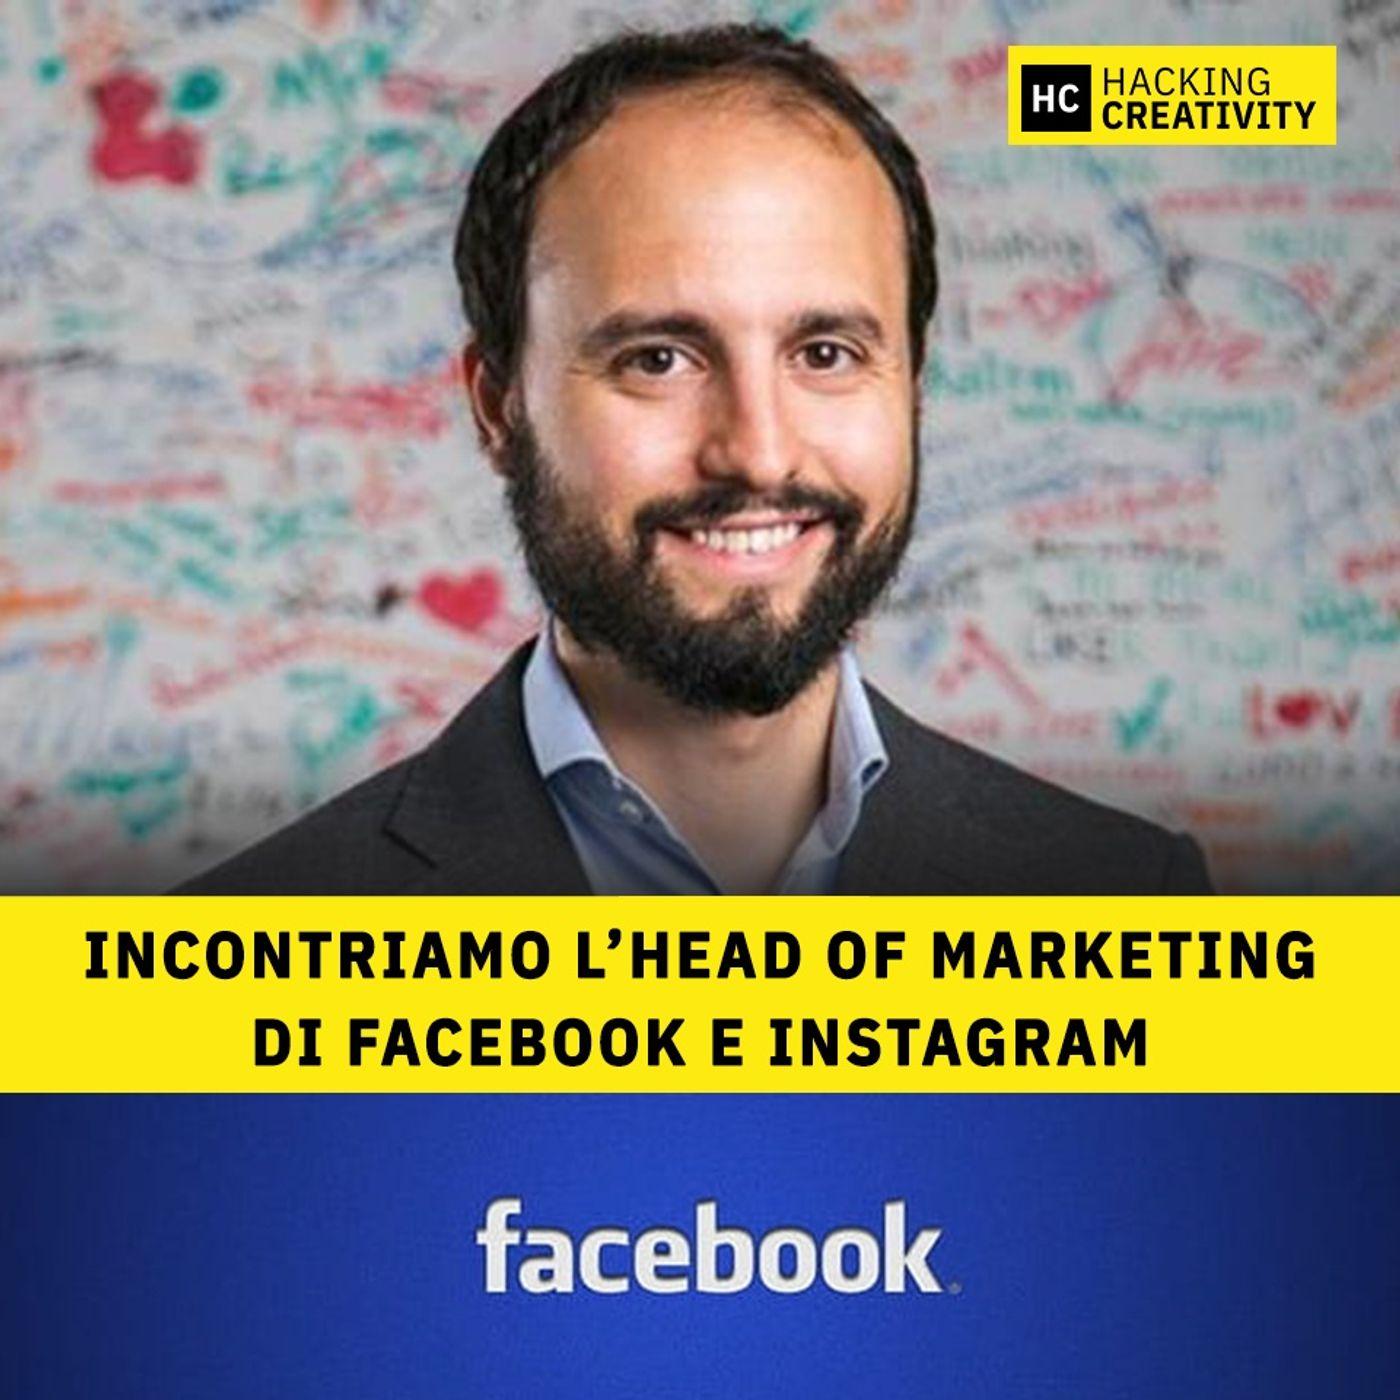 68 - Incontriamo l'Head of Marketing di Facebook e Instagram